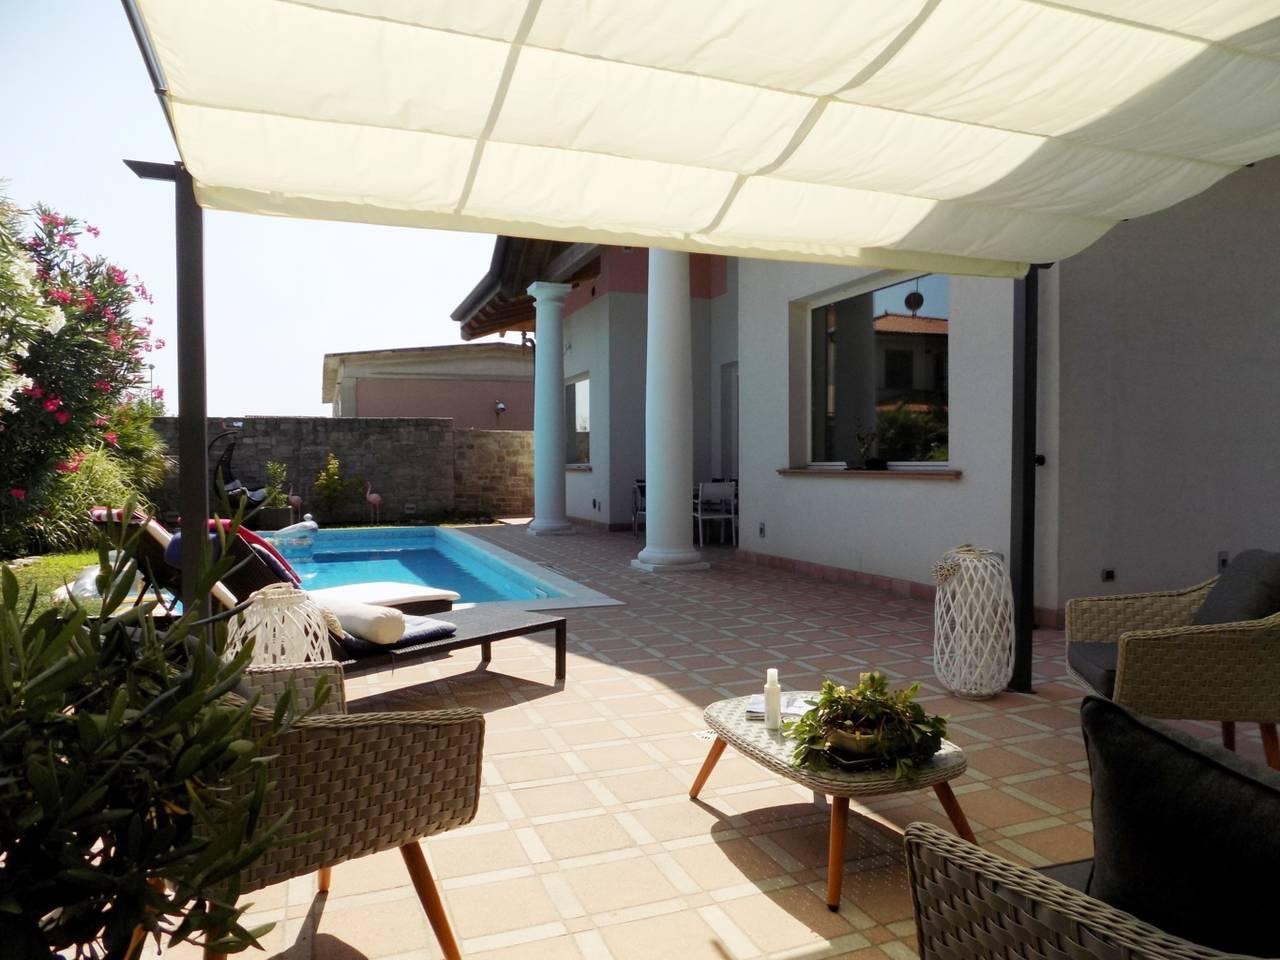 Villa-con-piscina-in-vendita-a-Trezzano-Rosa-14